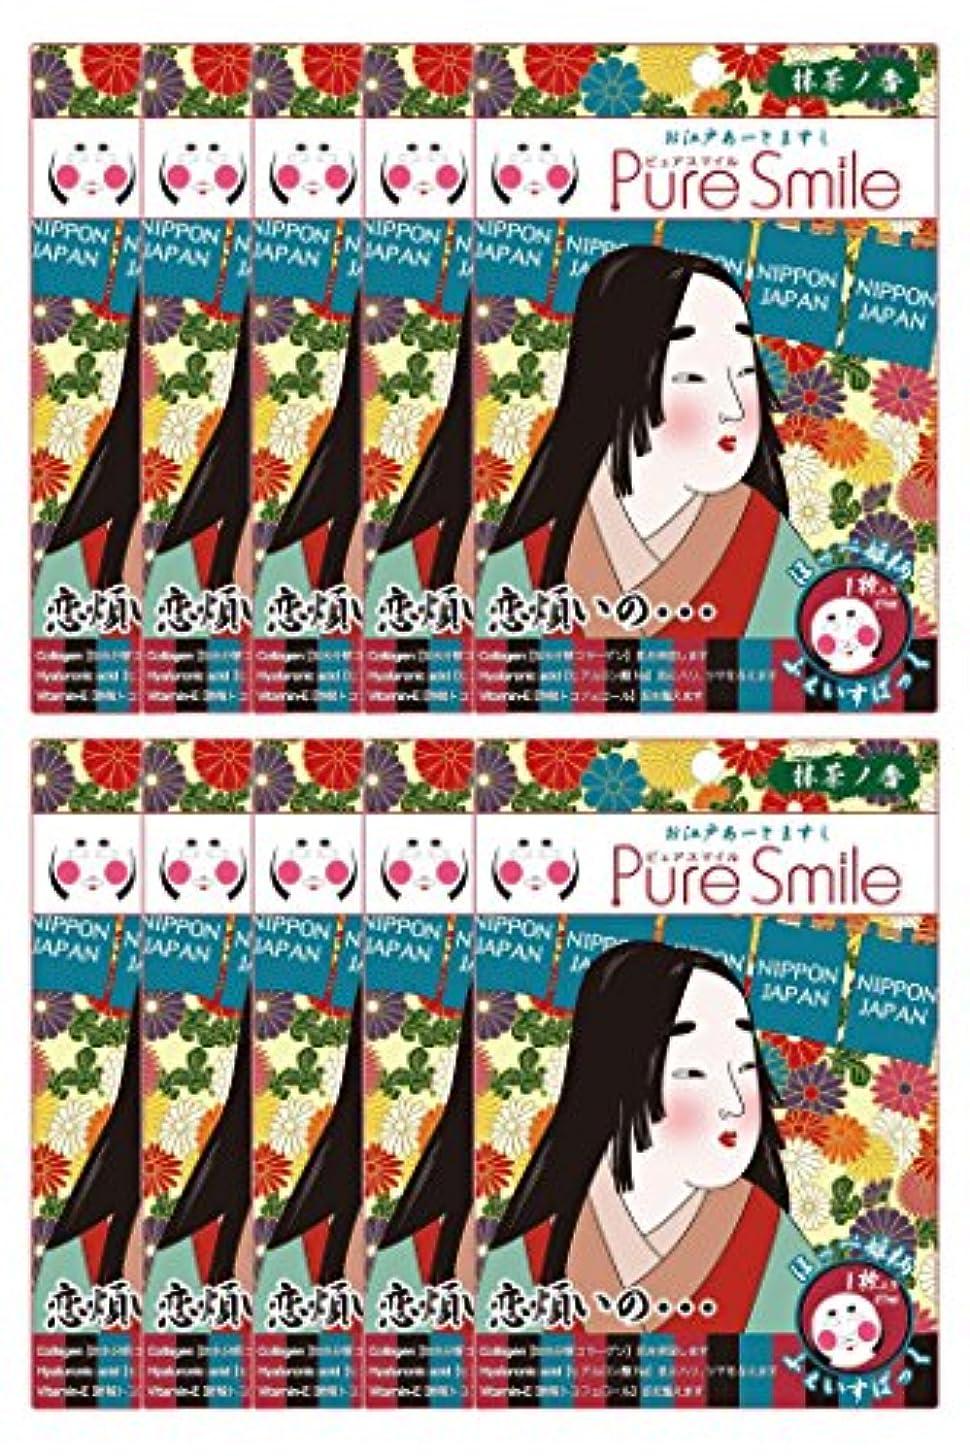 日曜日コピープレートピュアスマイルお江戸アートマスク ほっぺ姫 ART01 1枚入 ×10セット